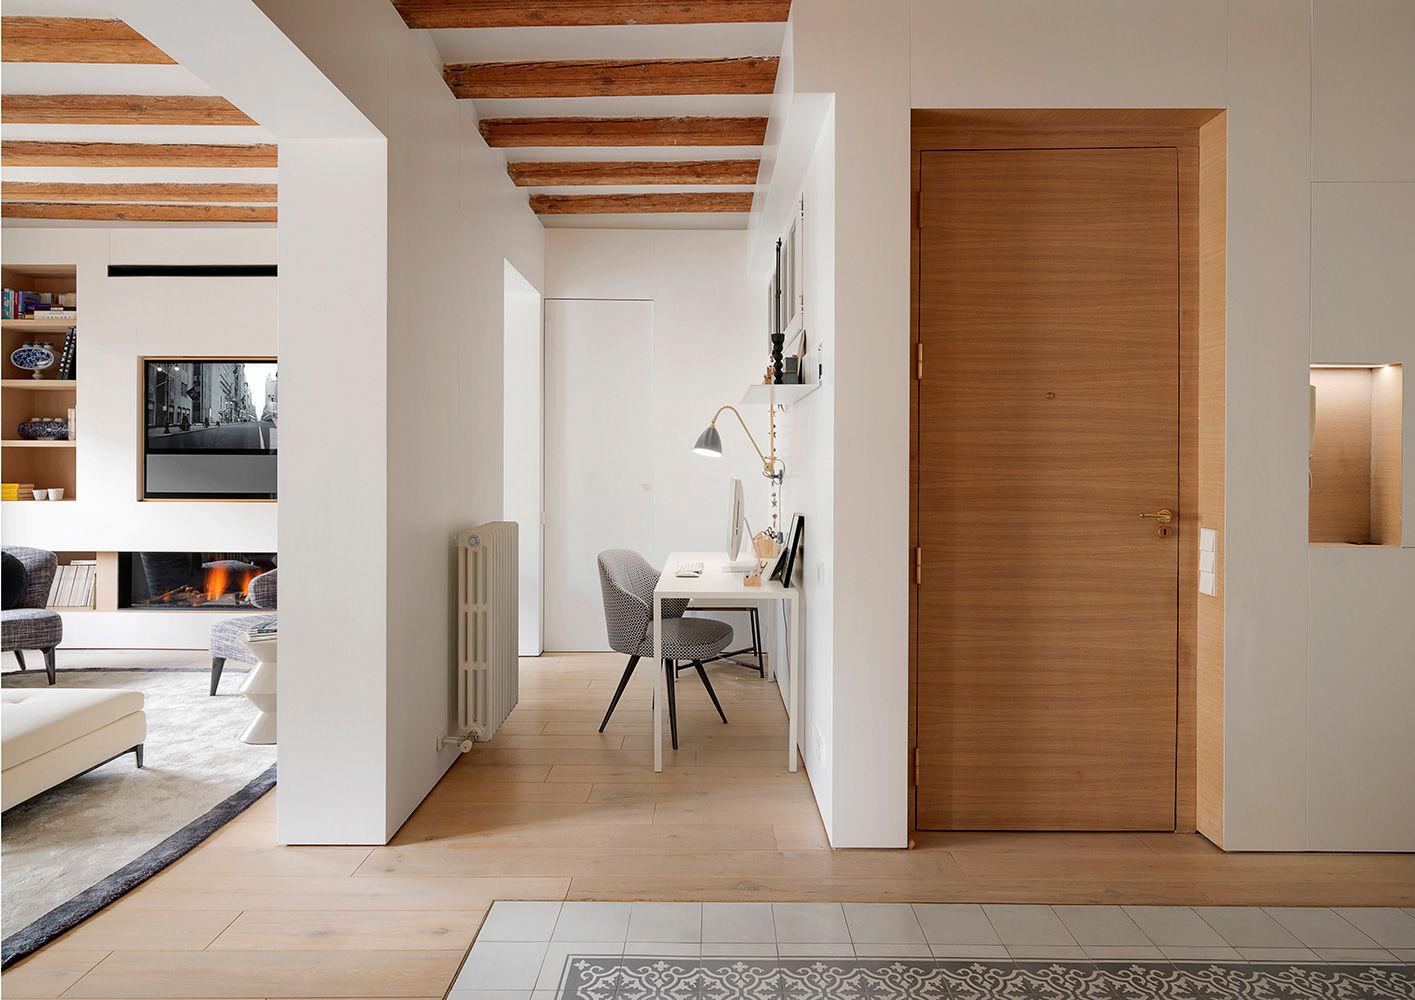 Barcellona wohnung interiors & contract de